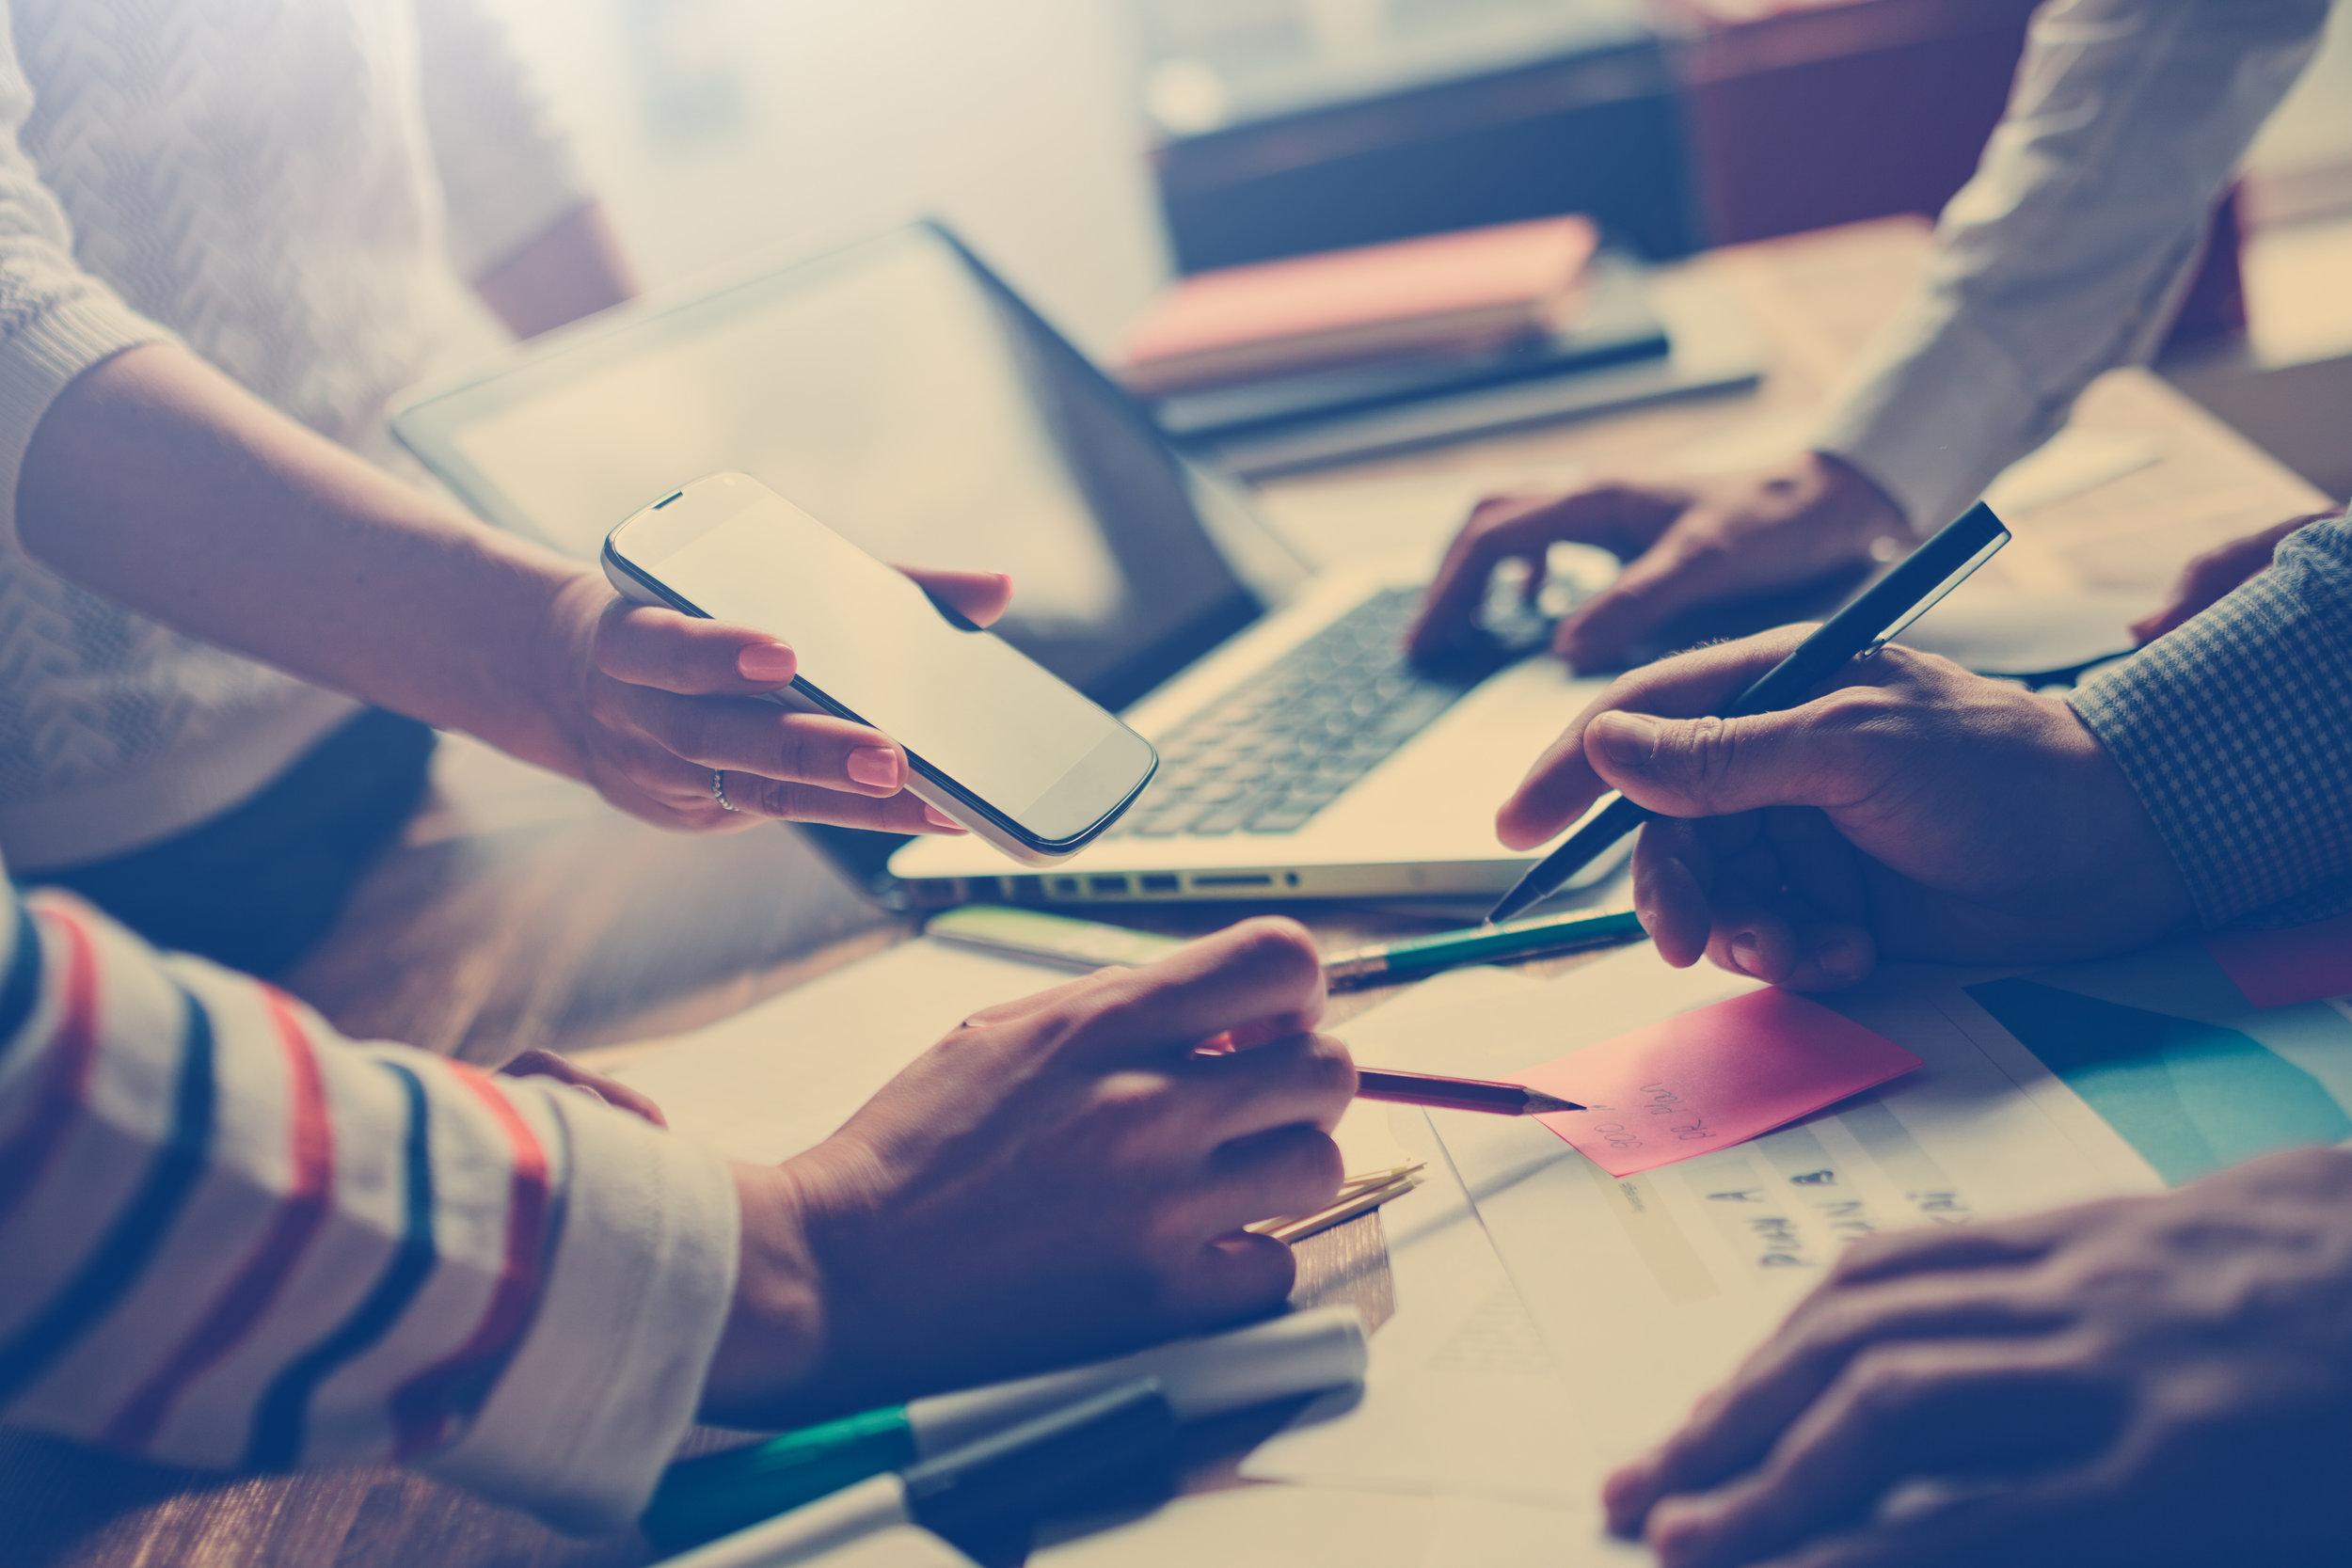 Ons team - Bij Intensoplus Geleen werken medewerkers met verschillende achtergronden: pedagogen, psychologen, leraren basisonderwijs, docenten voortgezet onderwijs, remedial teachers, dyslexie-, gedrags-, ontwikkelingsspecialisten en kindertherapeuten. Door deze brede expertise zijn wij in staat onze kwaliteit te waarborgen en een groot aanbod van diensten te leveren.